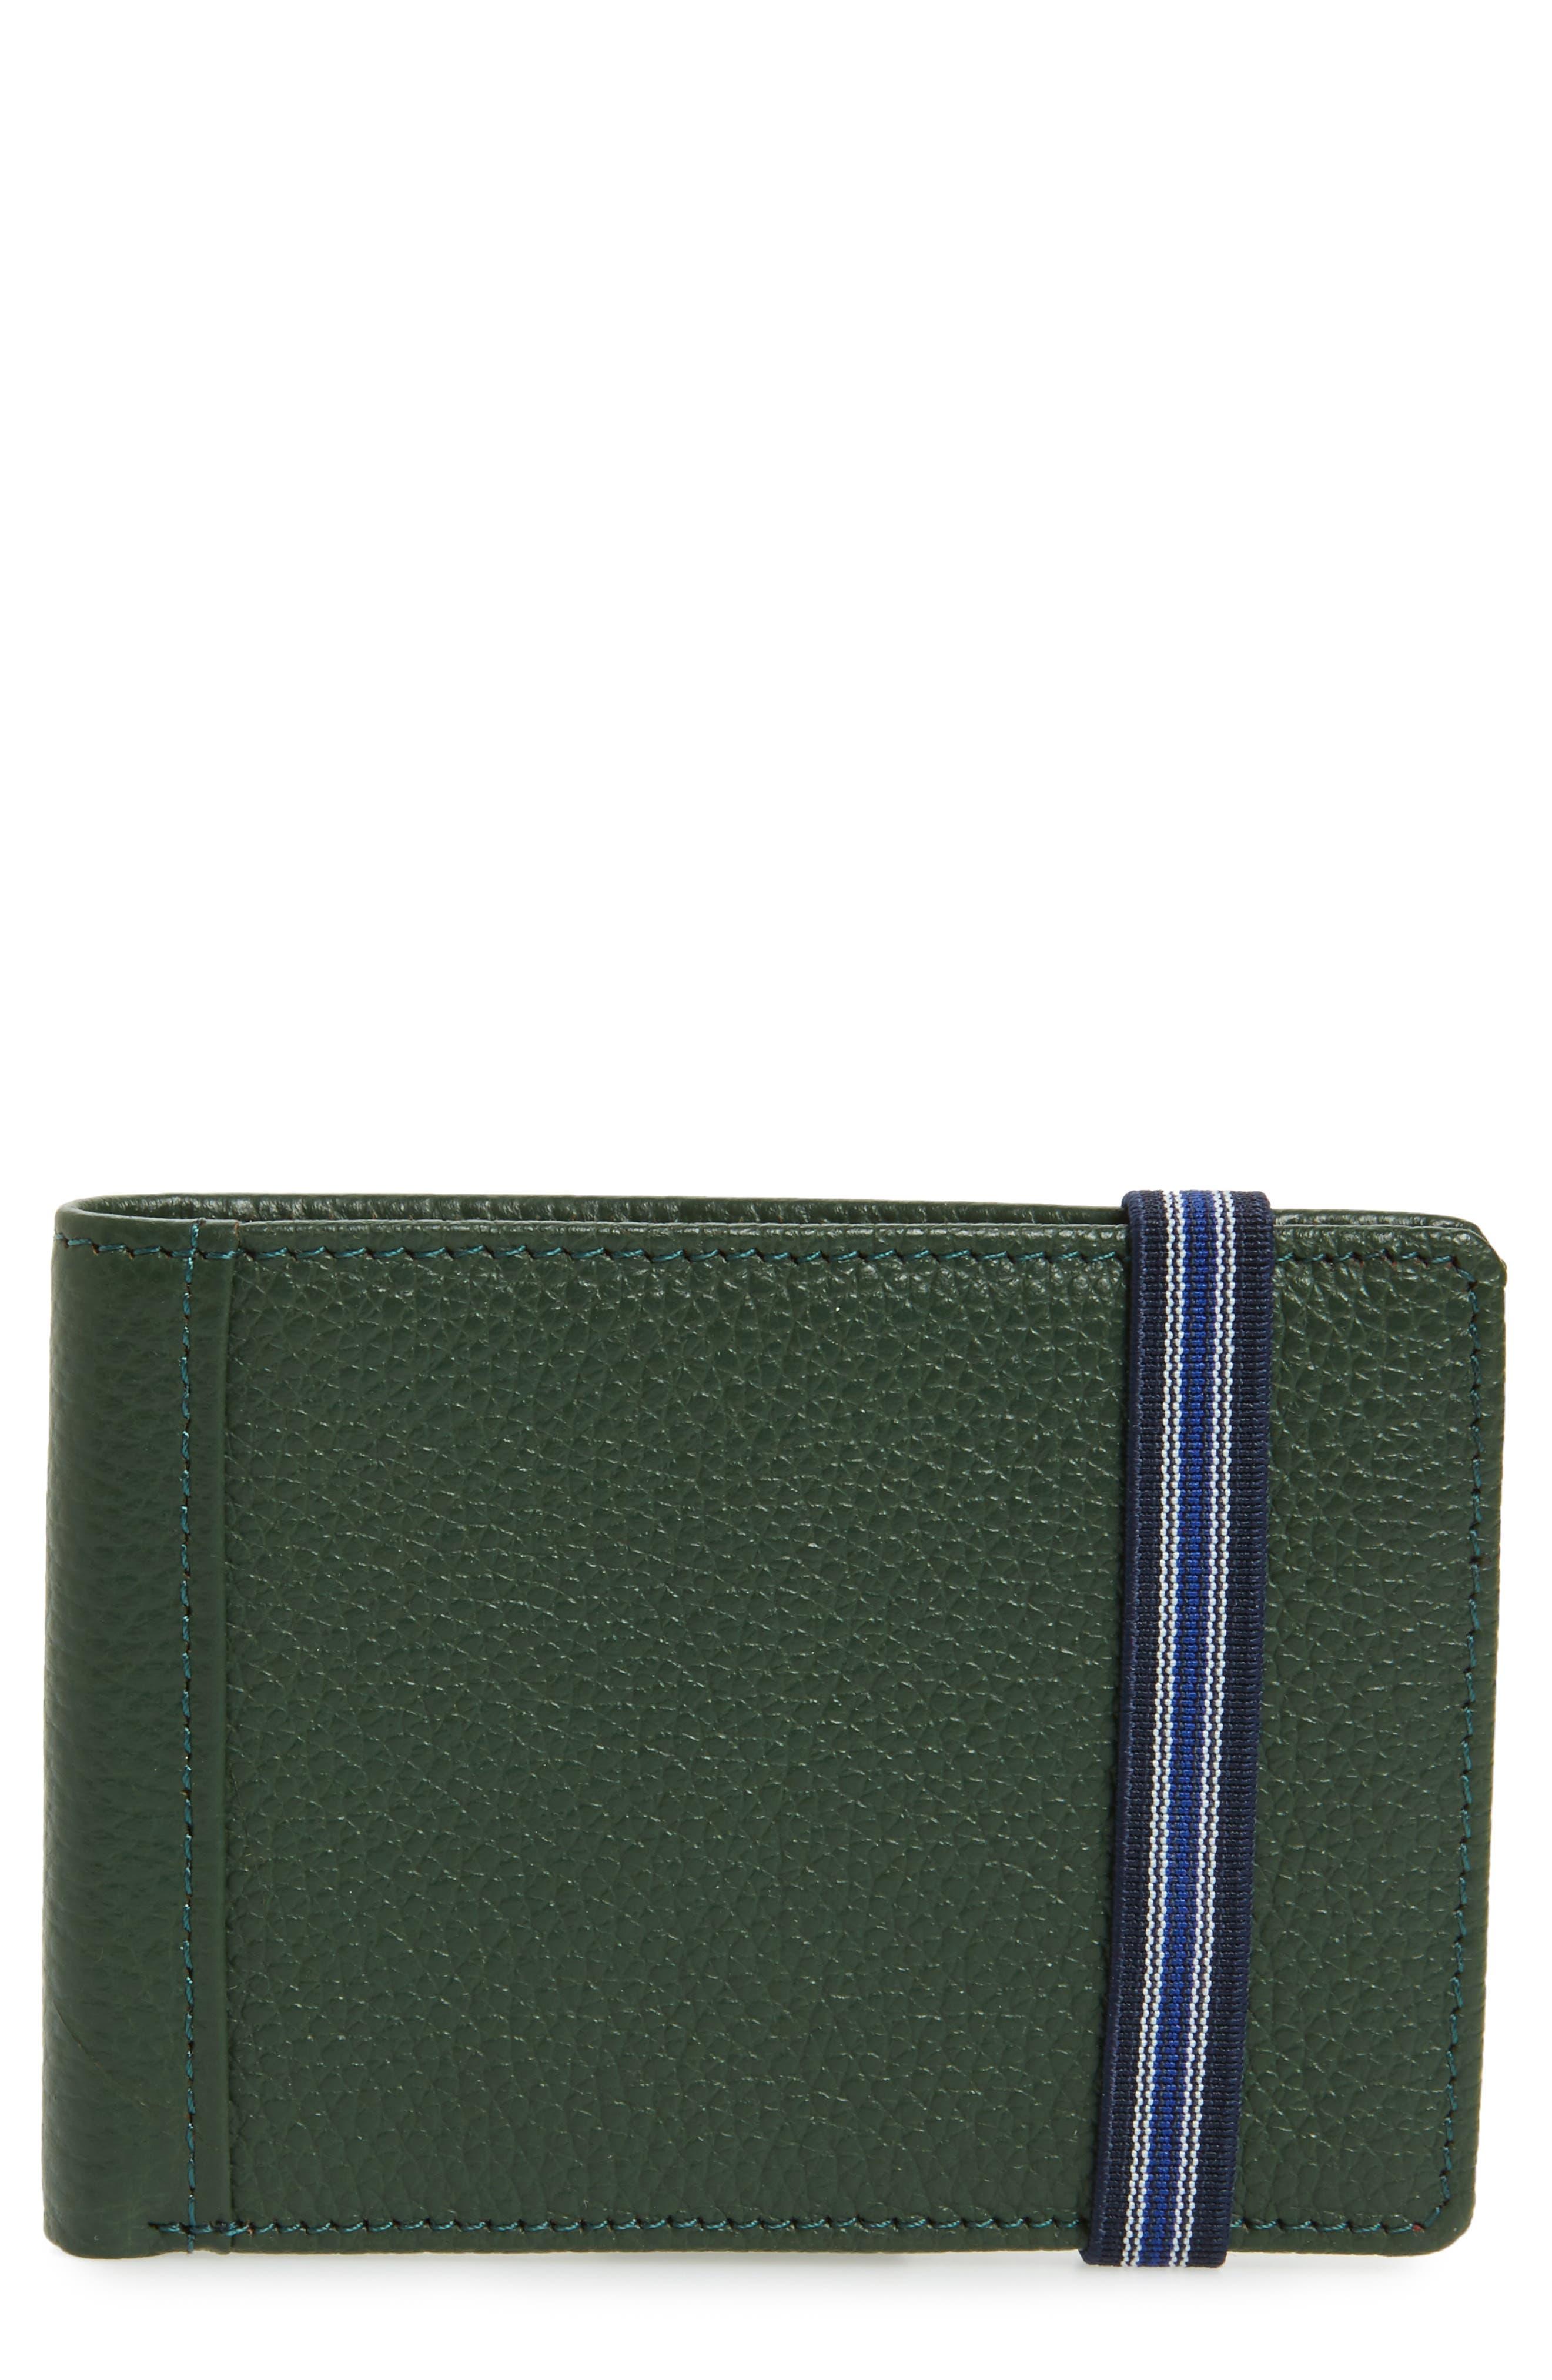 1901 Hudson Leather Wallet